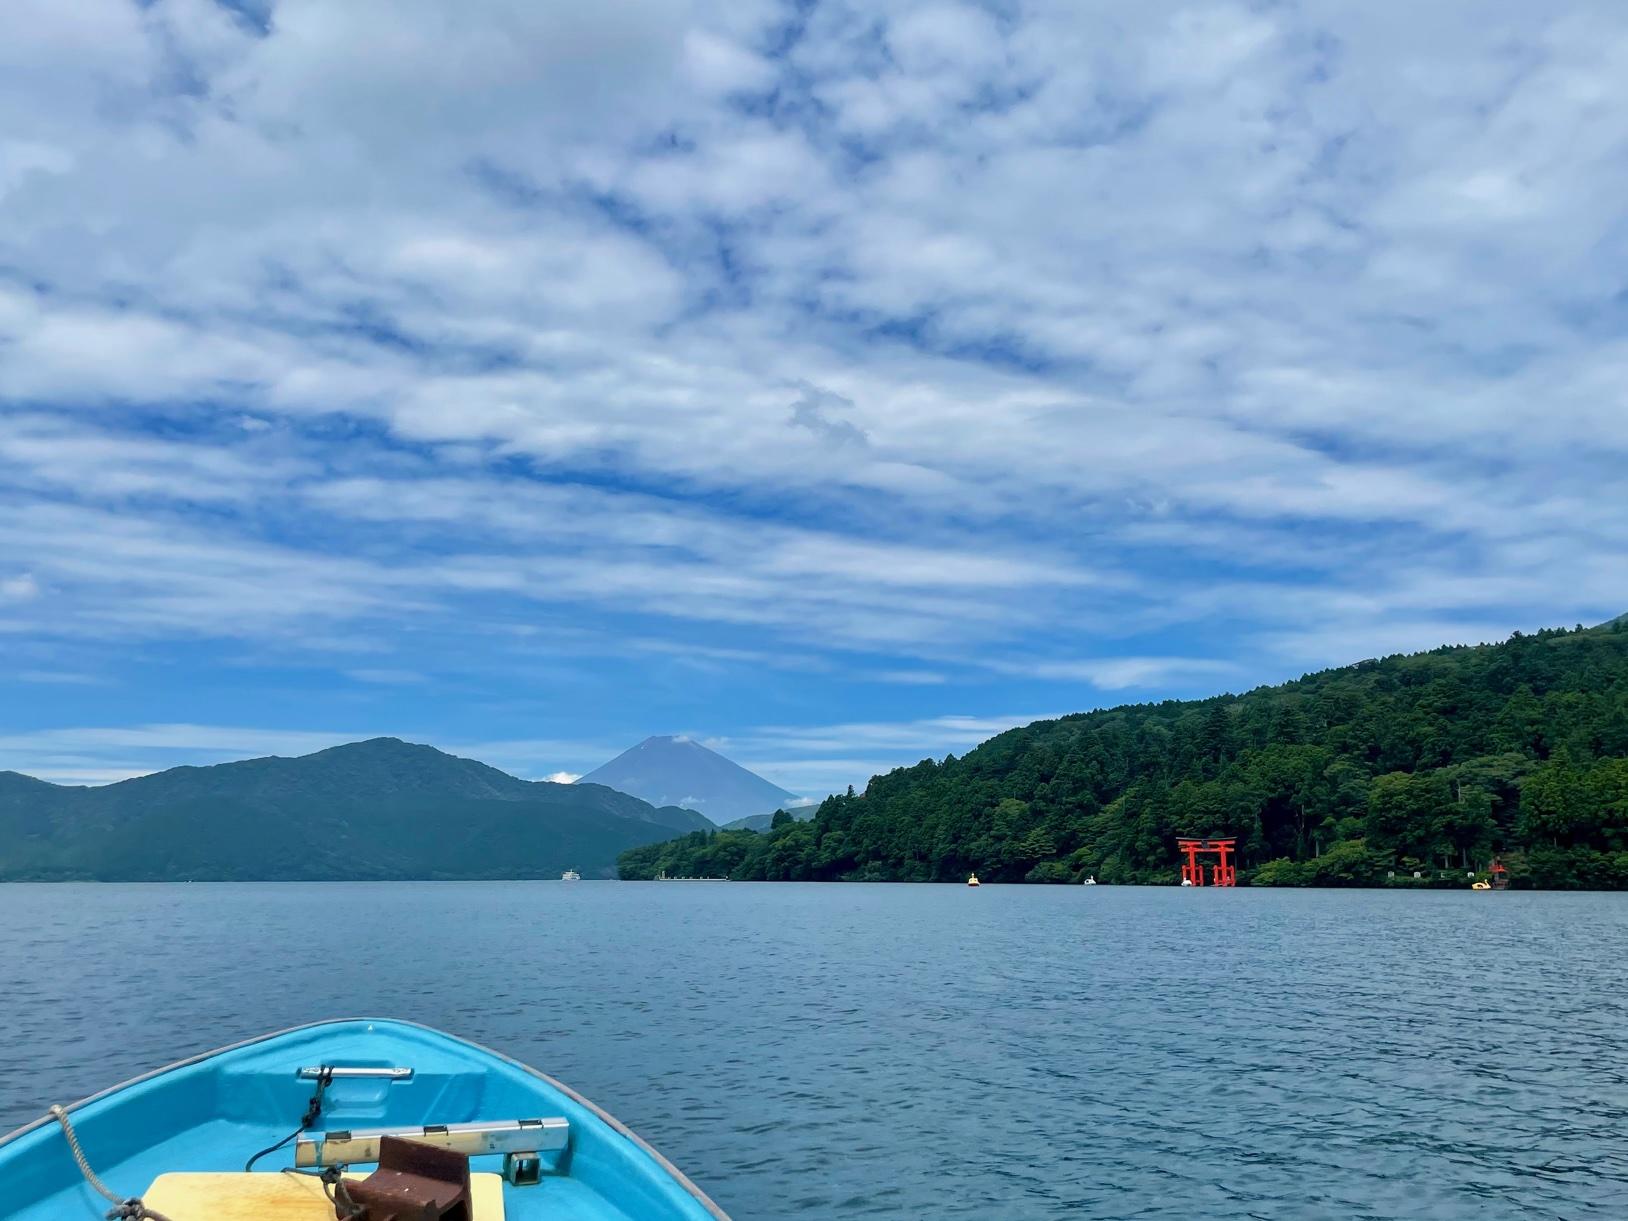 ボートで芦ノ湖を釣る